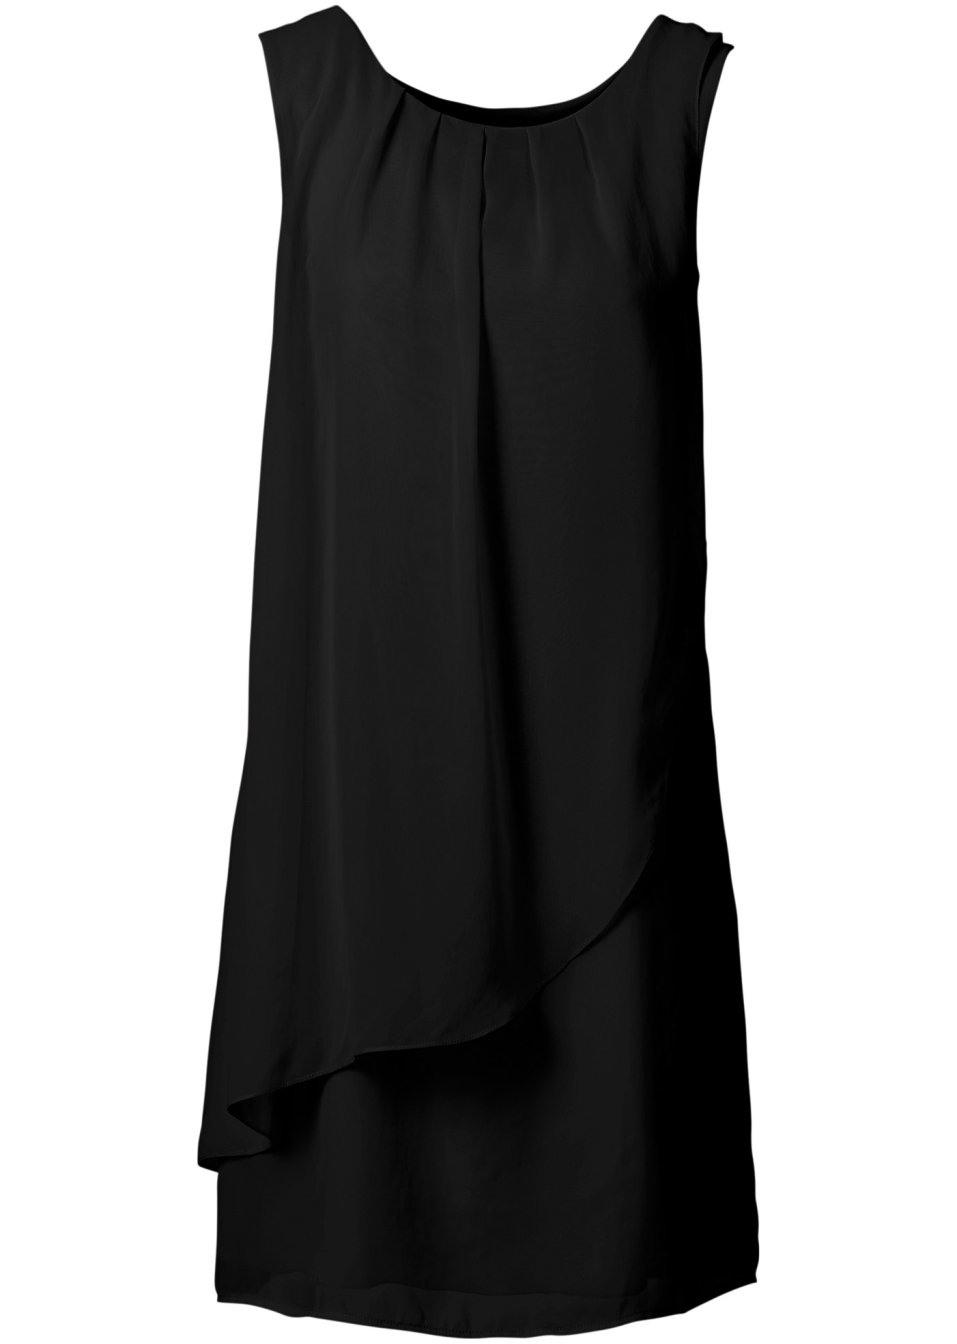 17 Wunderbar Schwarzes Kleid Knielang Galerie20 Wunderbar Schwarzes Kleid Knielang für 2019